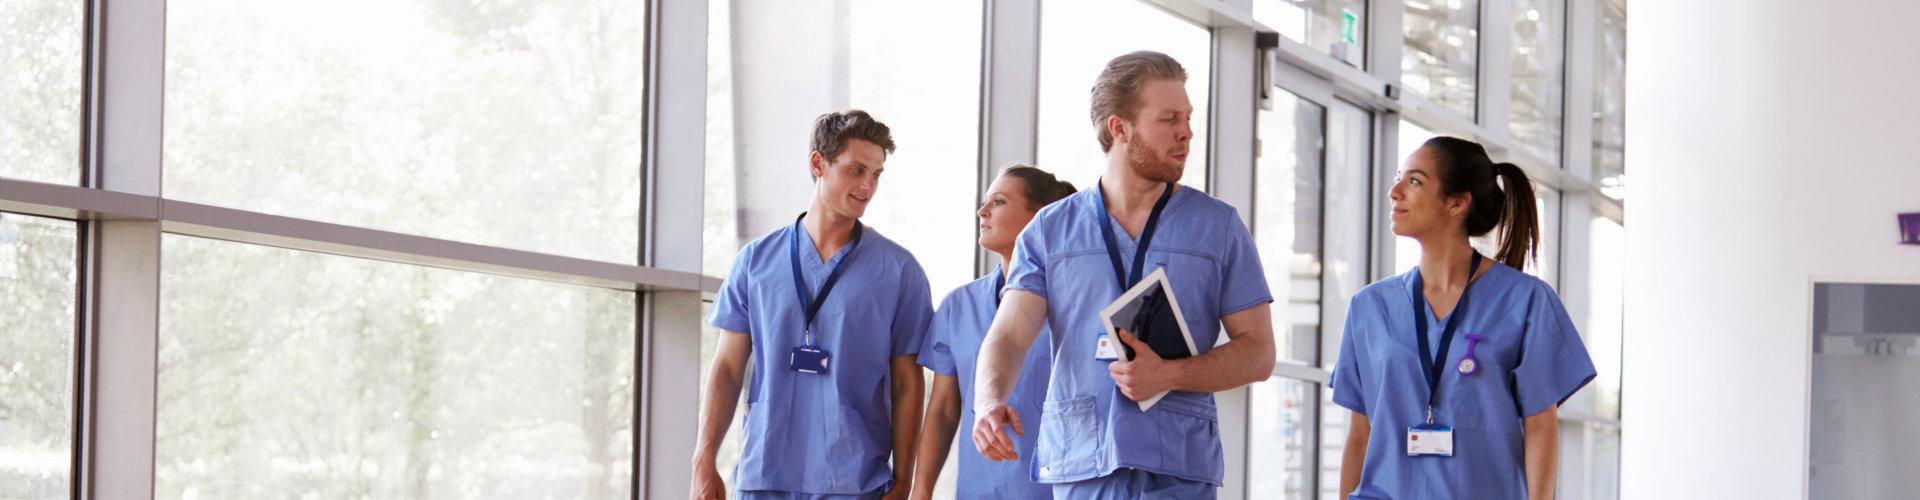 nurses walking on the hospital hall